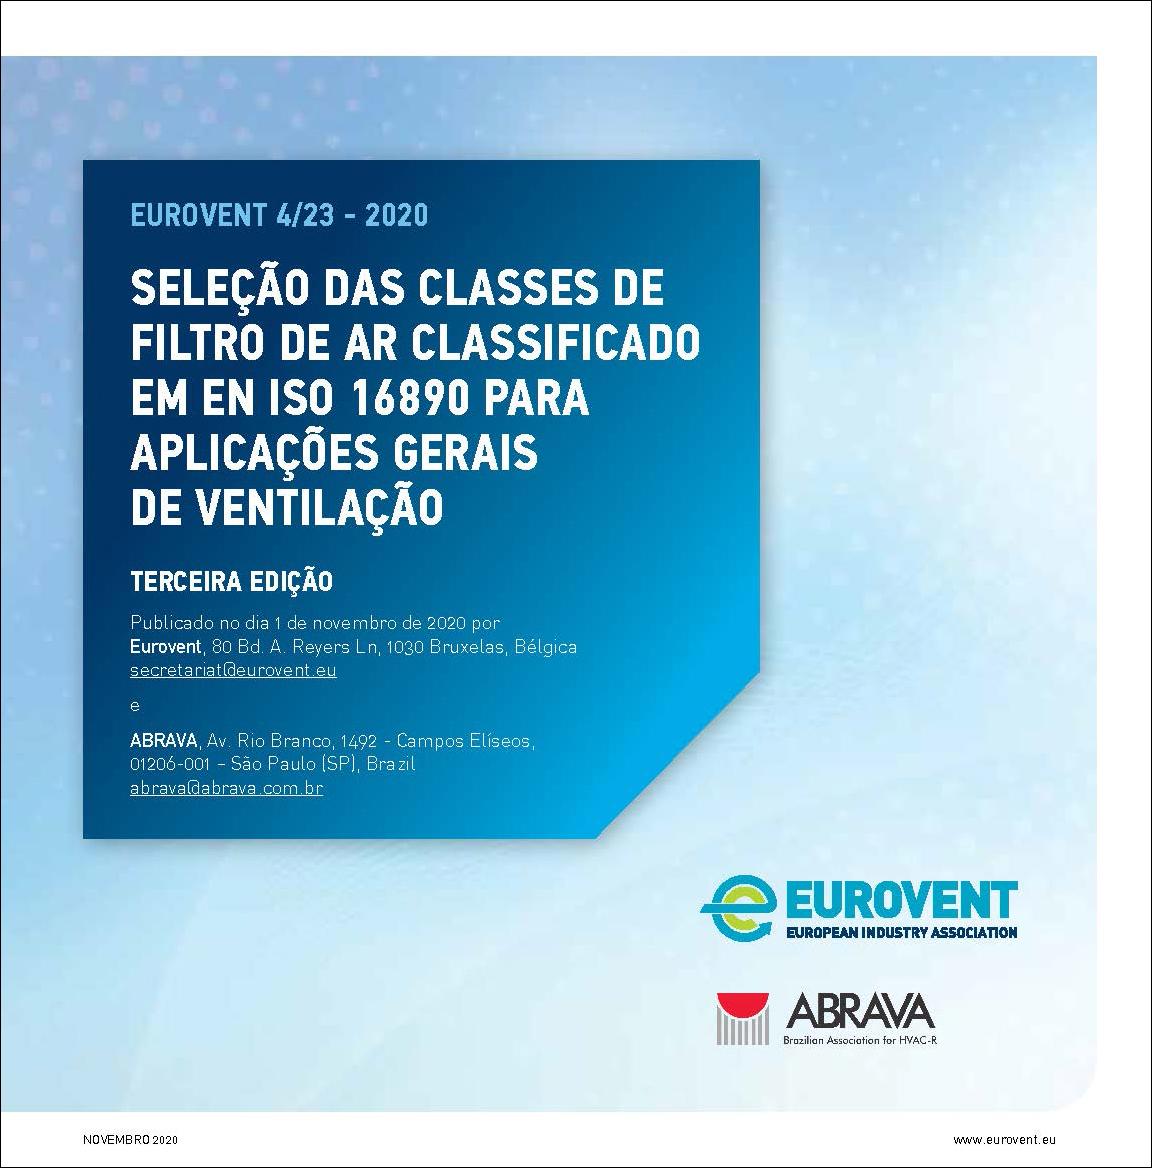 Eurovent 4/23 - 2020: Seleção das classes de filtro de ar classificado em en iso 16890 para aplicações gerais de ventilação - Terceira edição